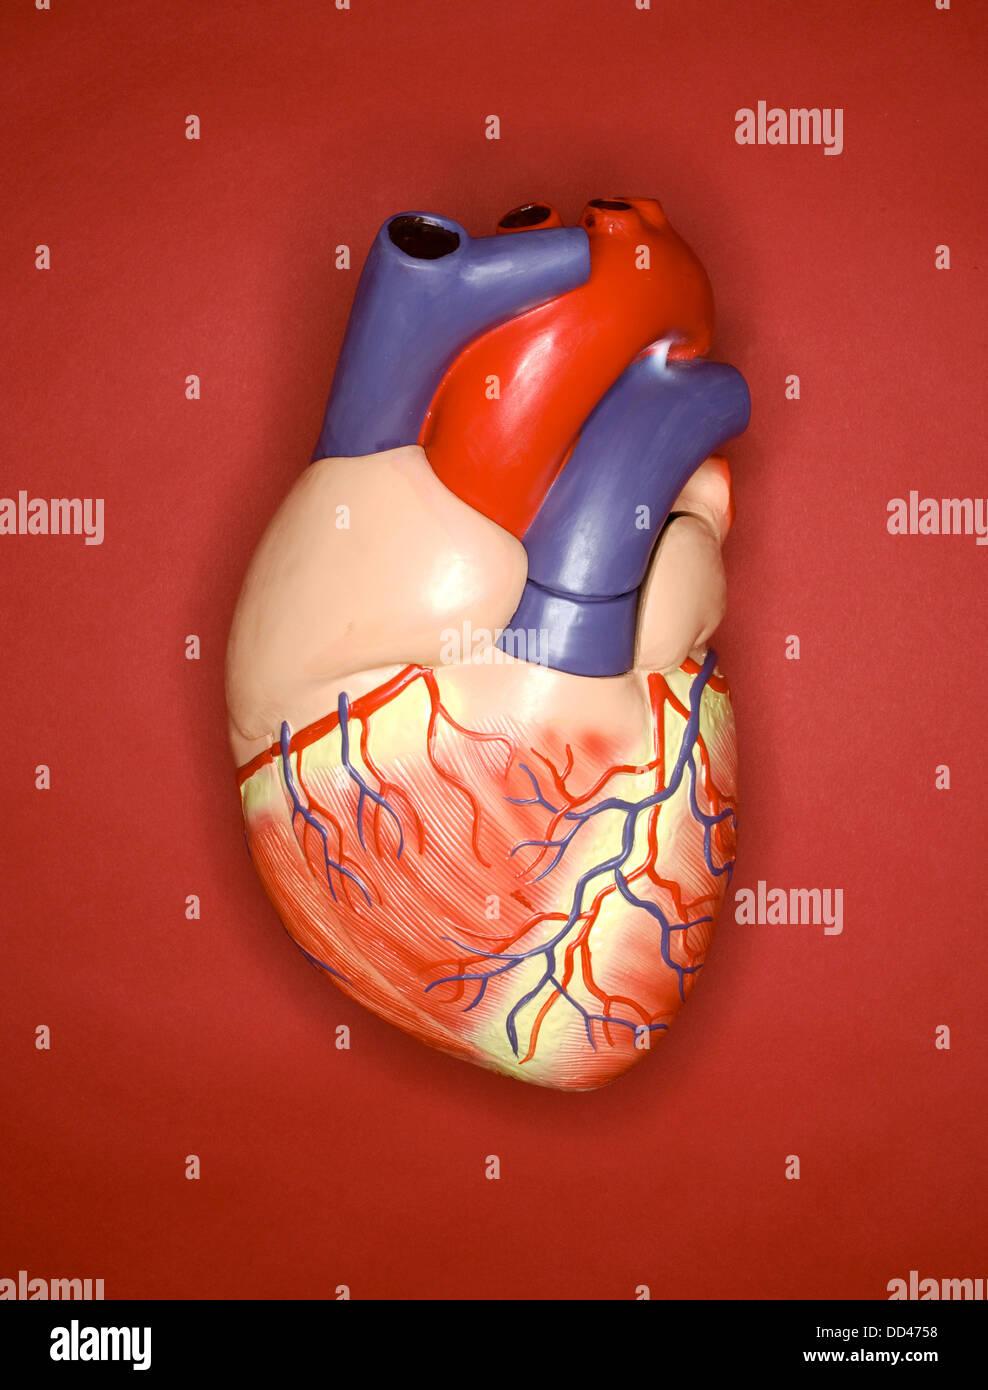 Un modèle en plastique du cœur humain sur un fond rouge Photo Stock